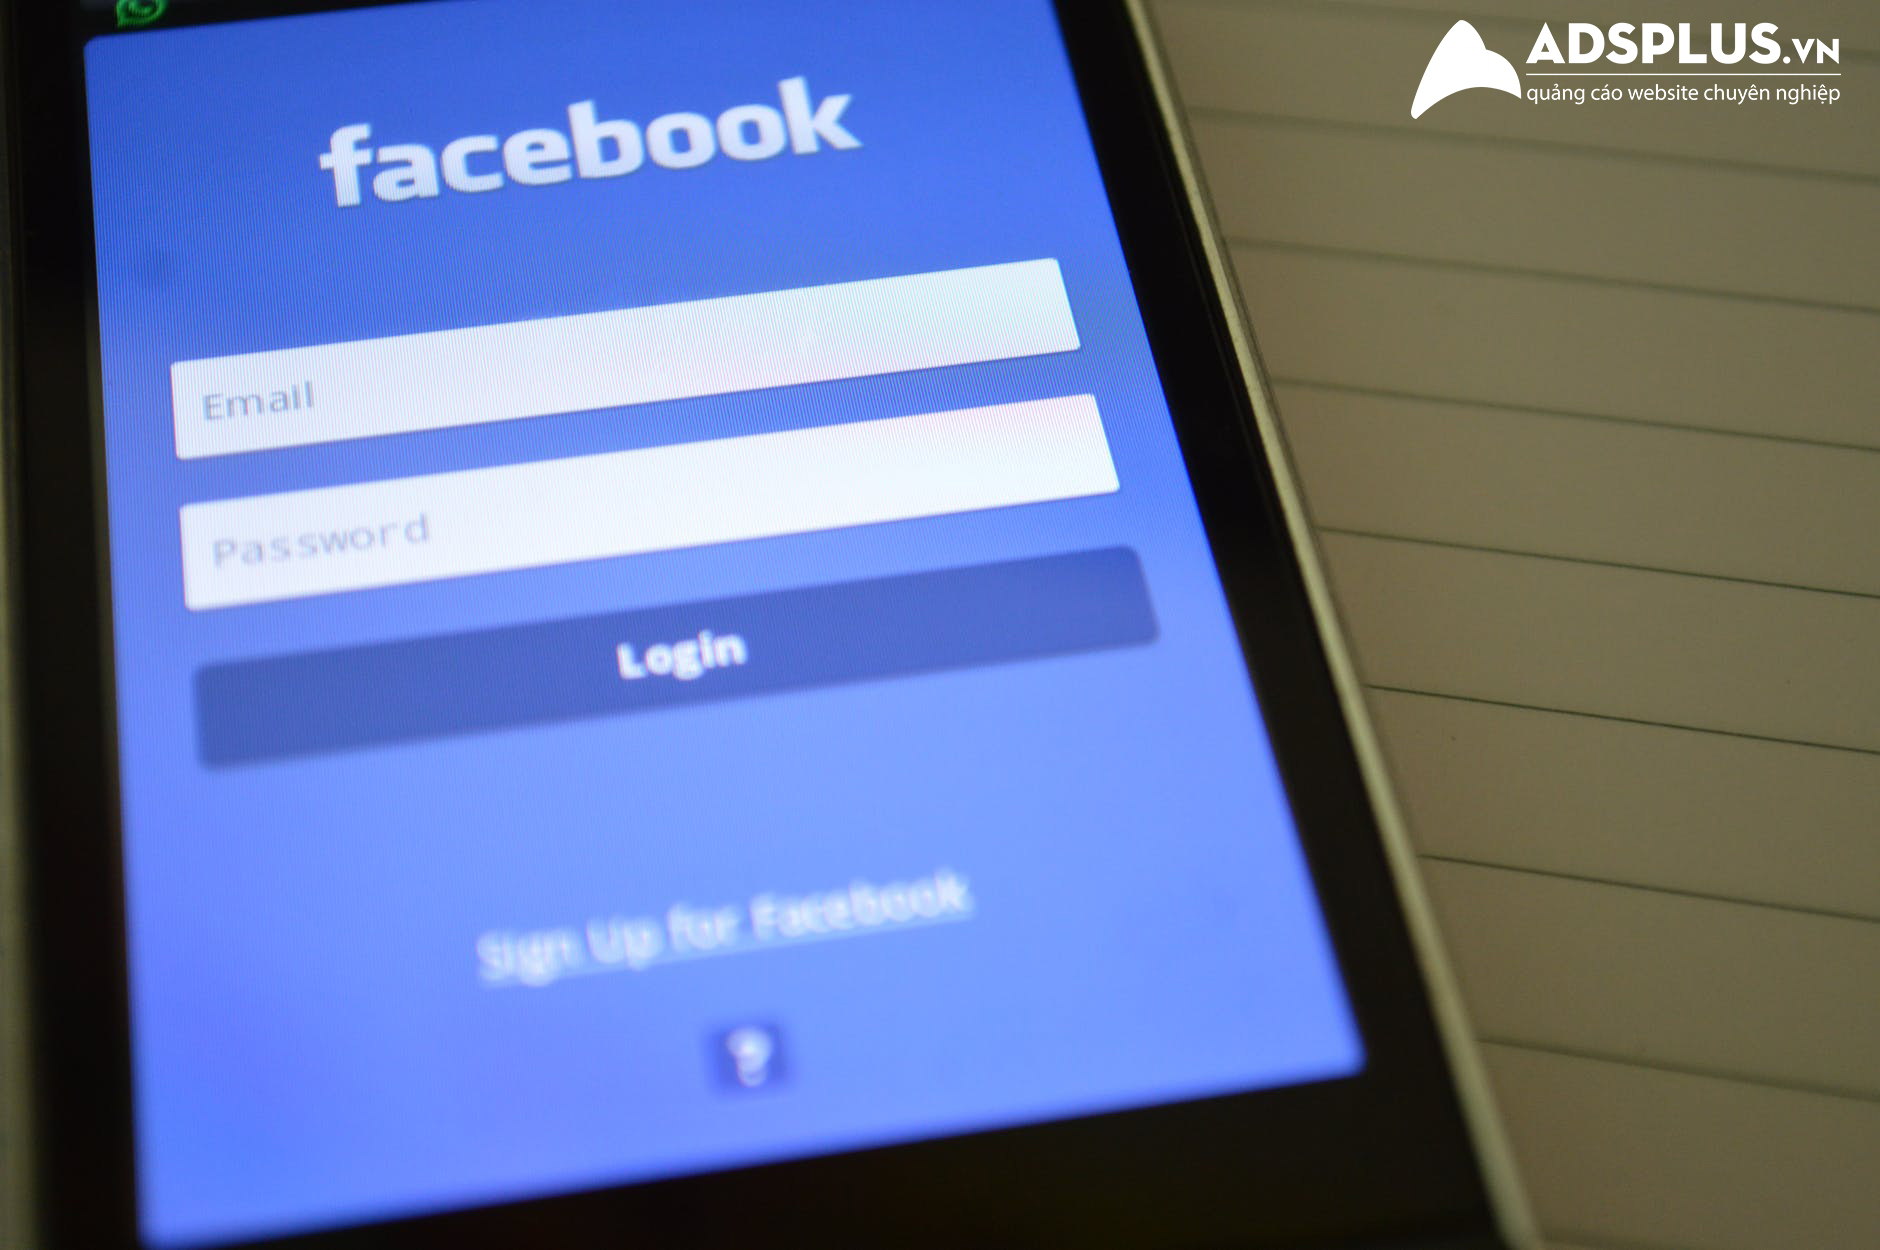 xóa tài khoản facebook vĩnh viễn 01